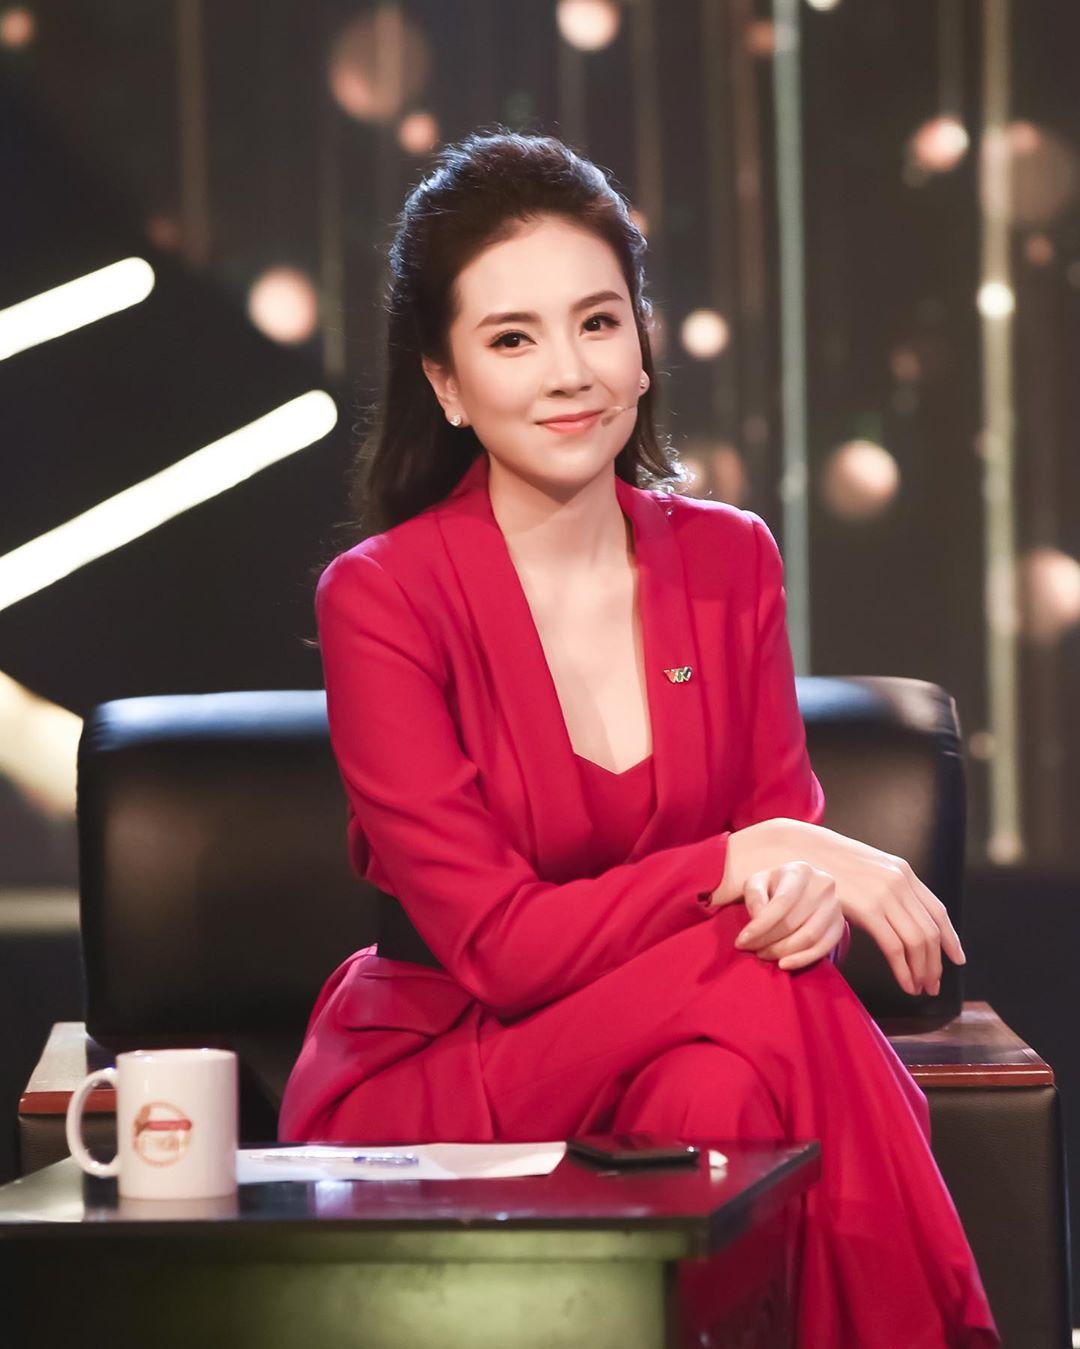 4 nữ MC VTV vừa xinh đẹp giỏi giang, hoàn thành tốt việc ở đài và kinh doanh thành công bên ngoài - Ảnh 9.